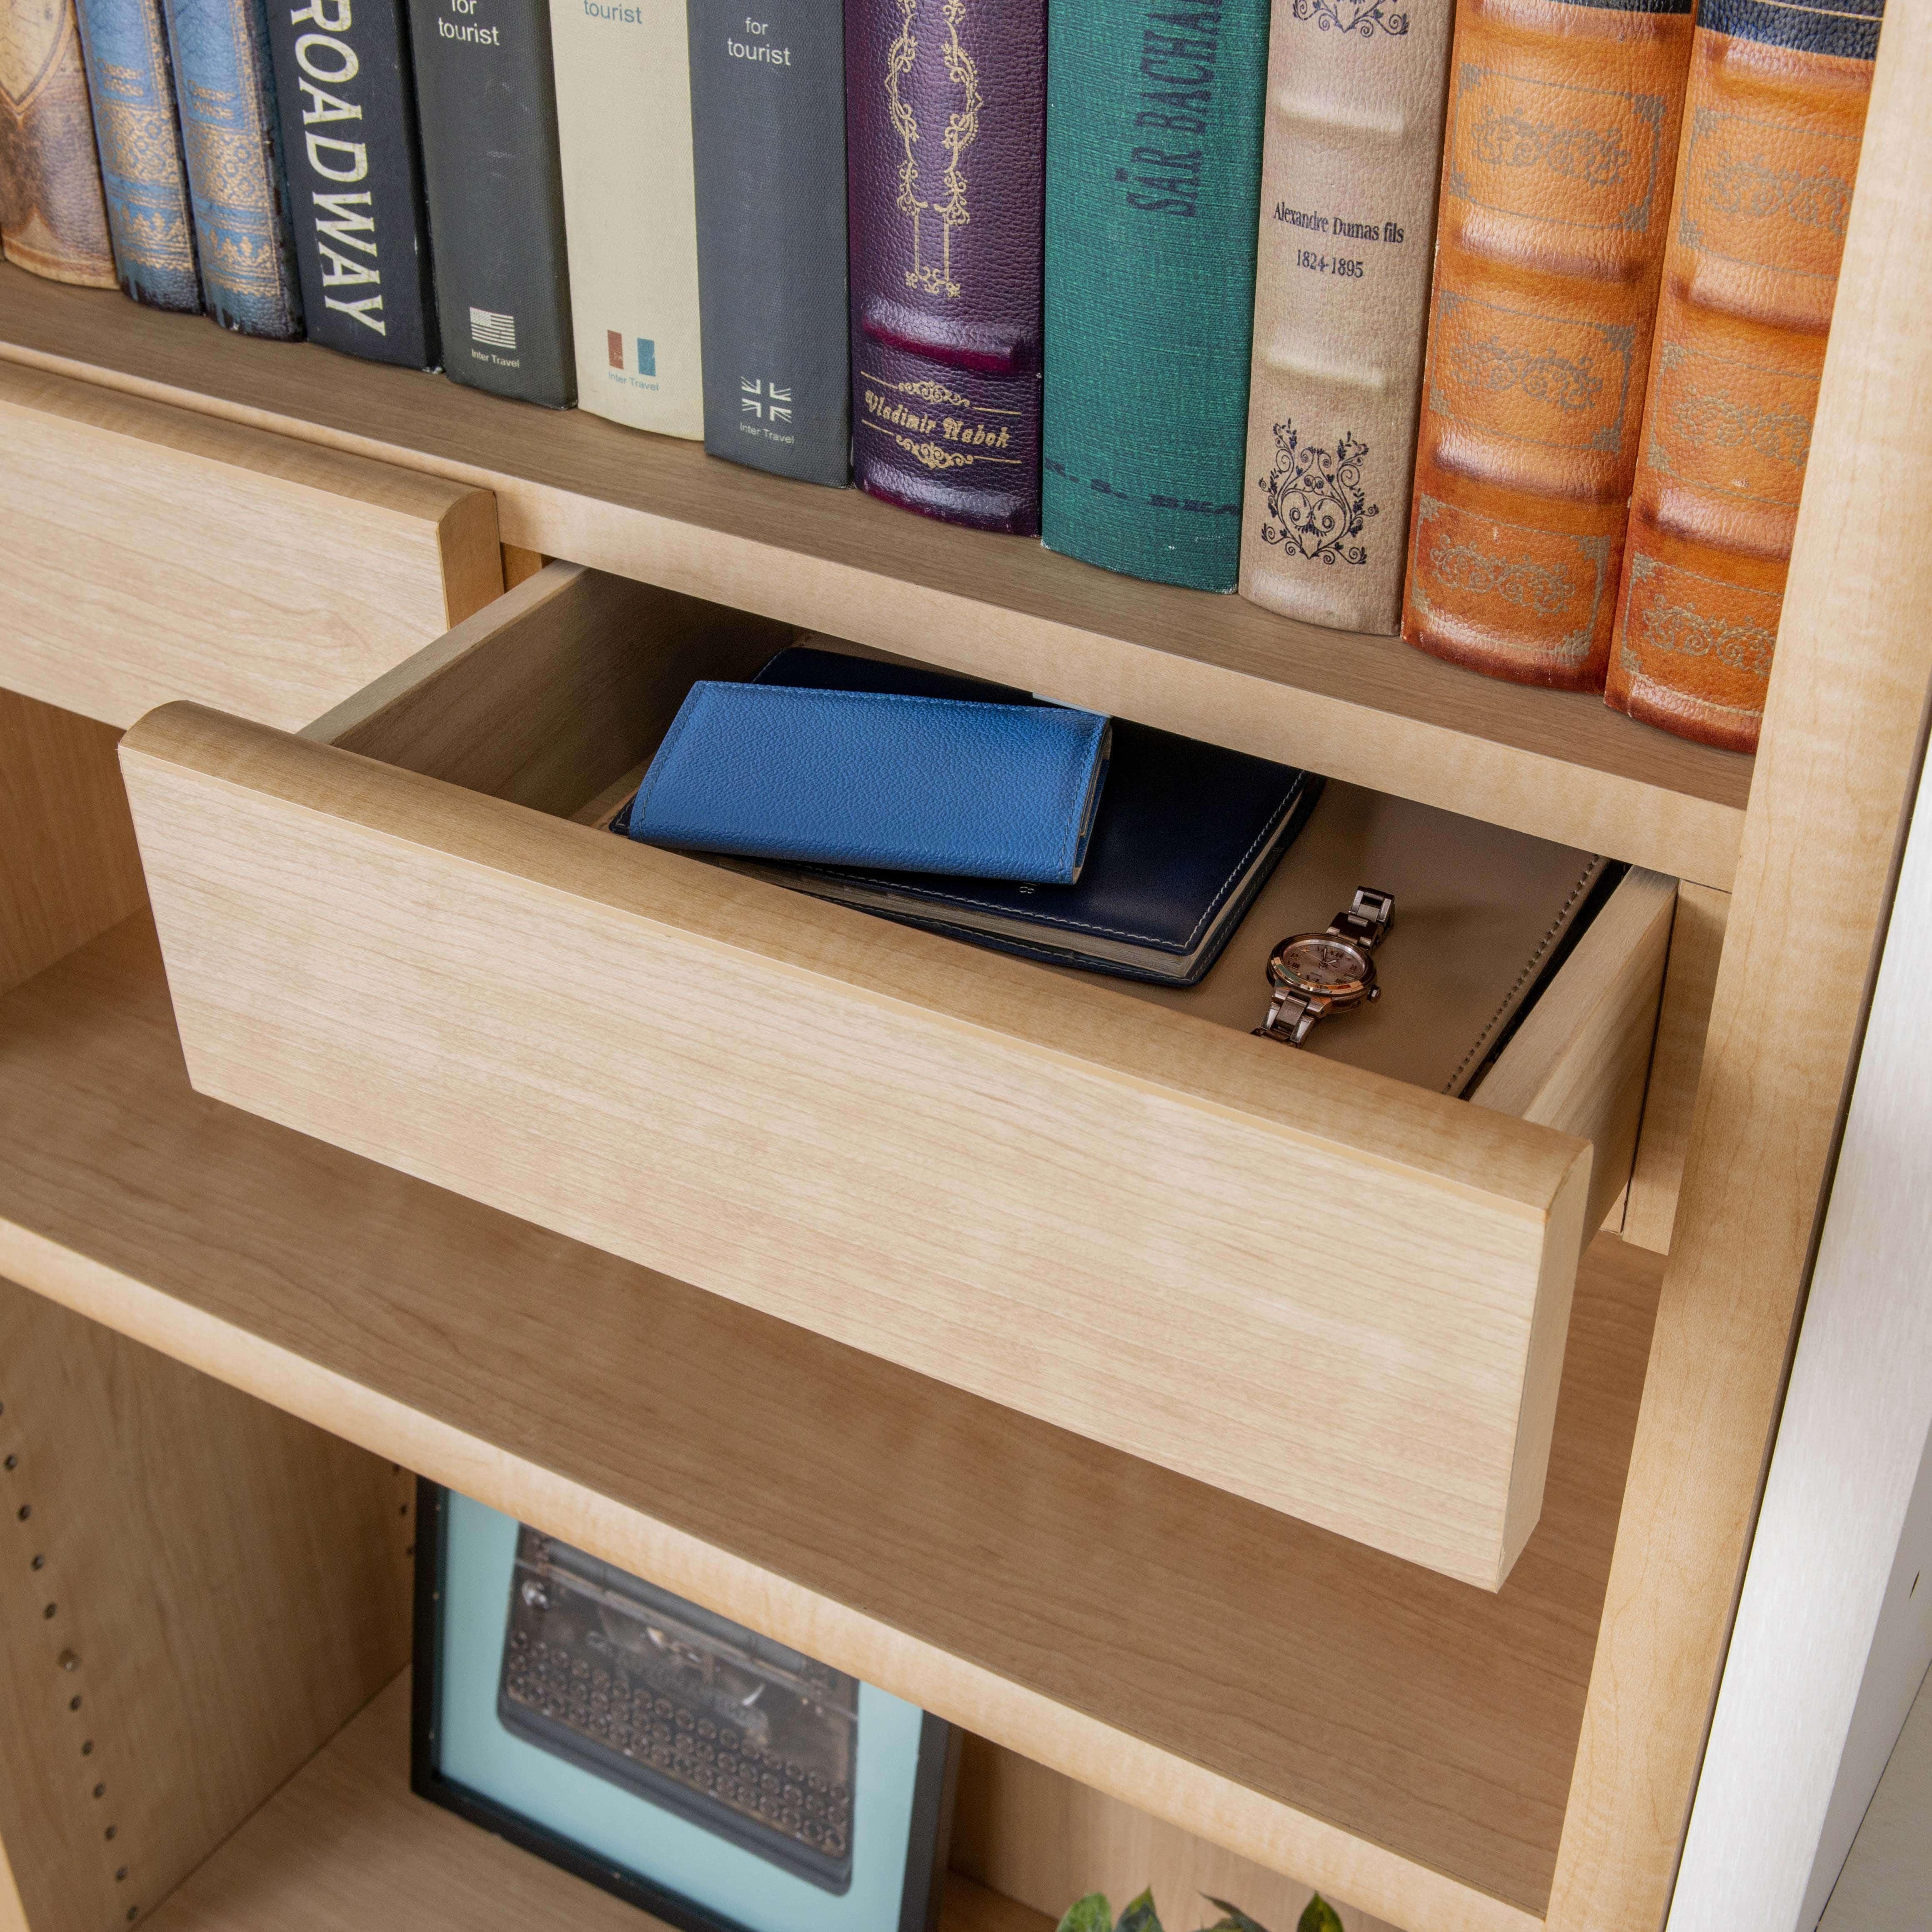 小島工芸 書棚 アコード110H(ウォールモカ):収納の幅を広げるオプション引き出し